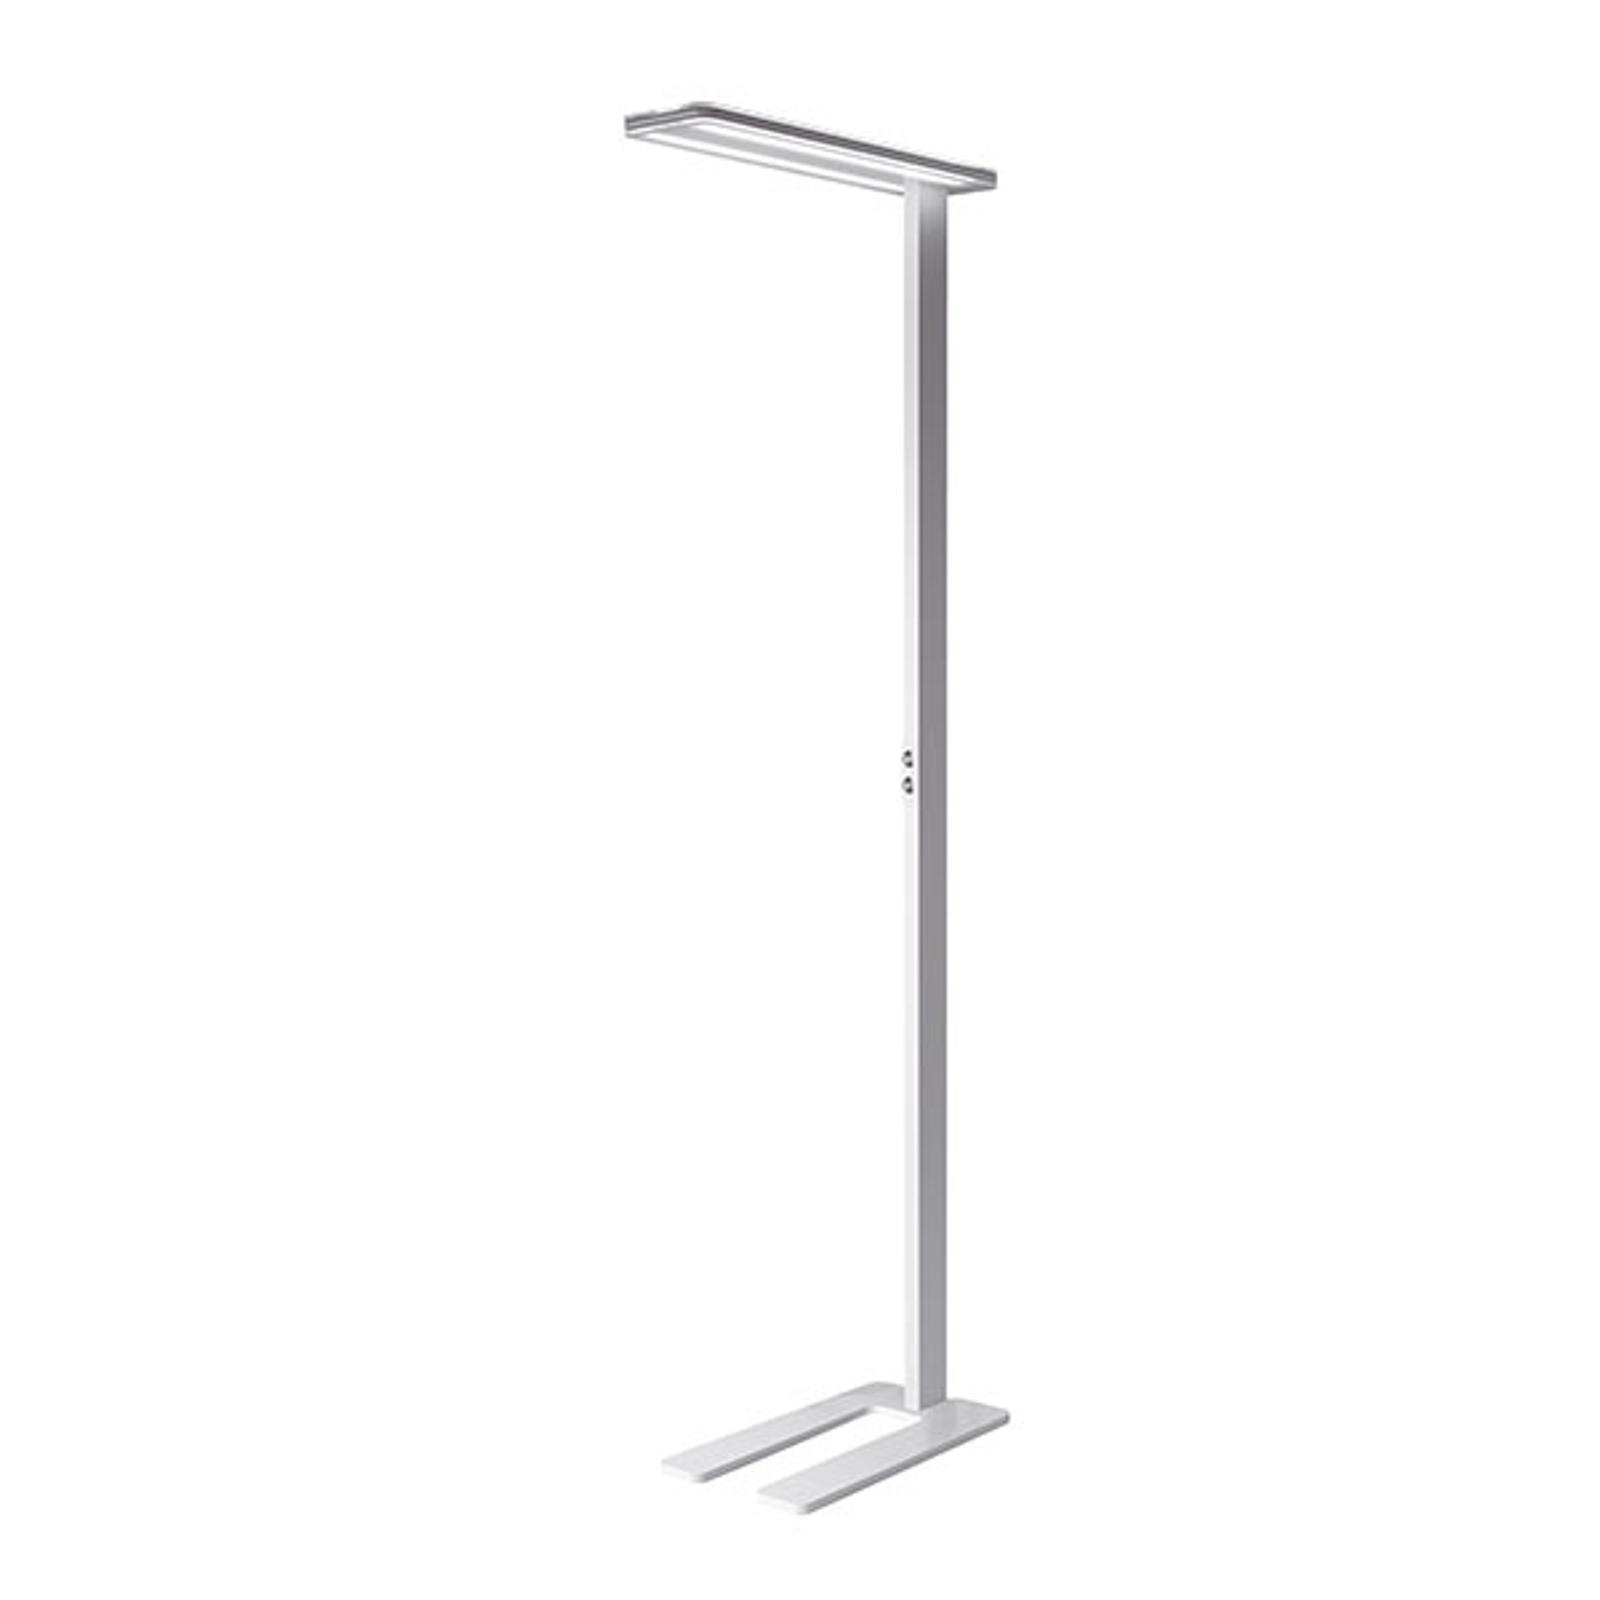 LED vloerlamp Trentino II, dimbaar, wit